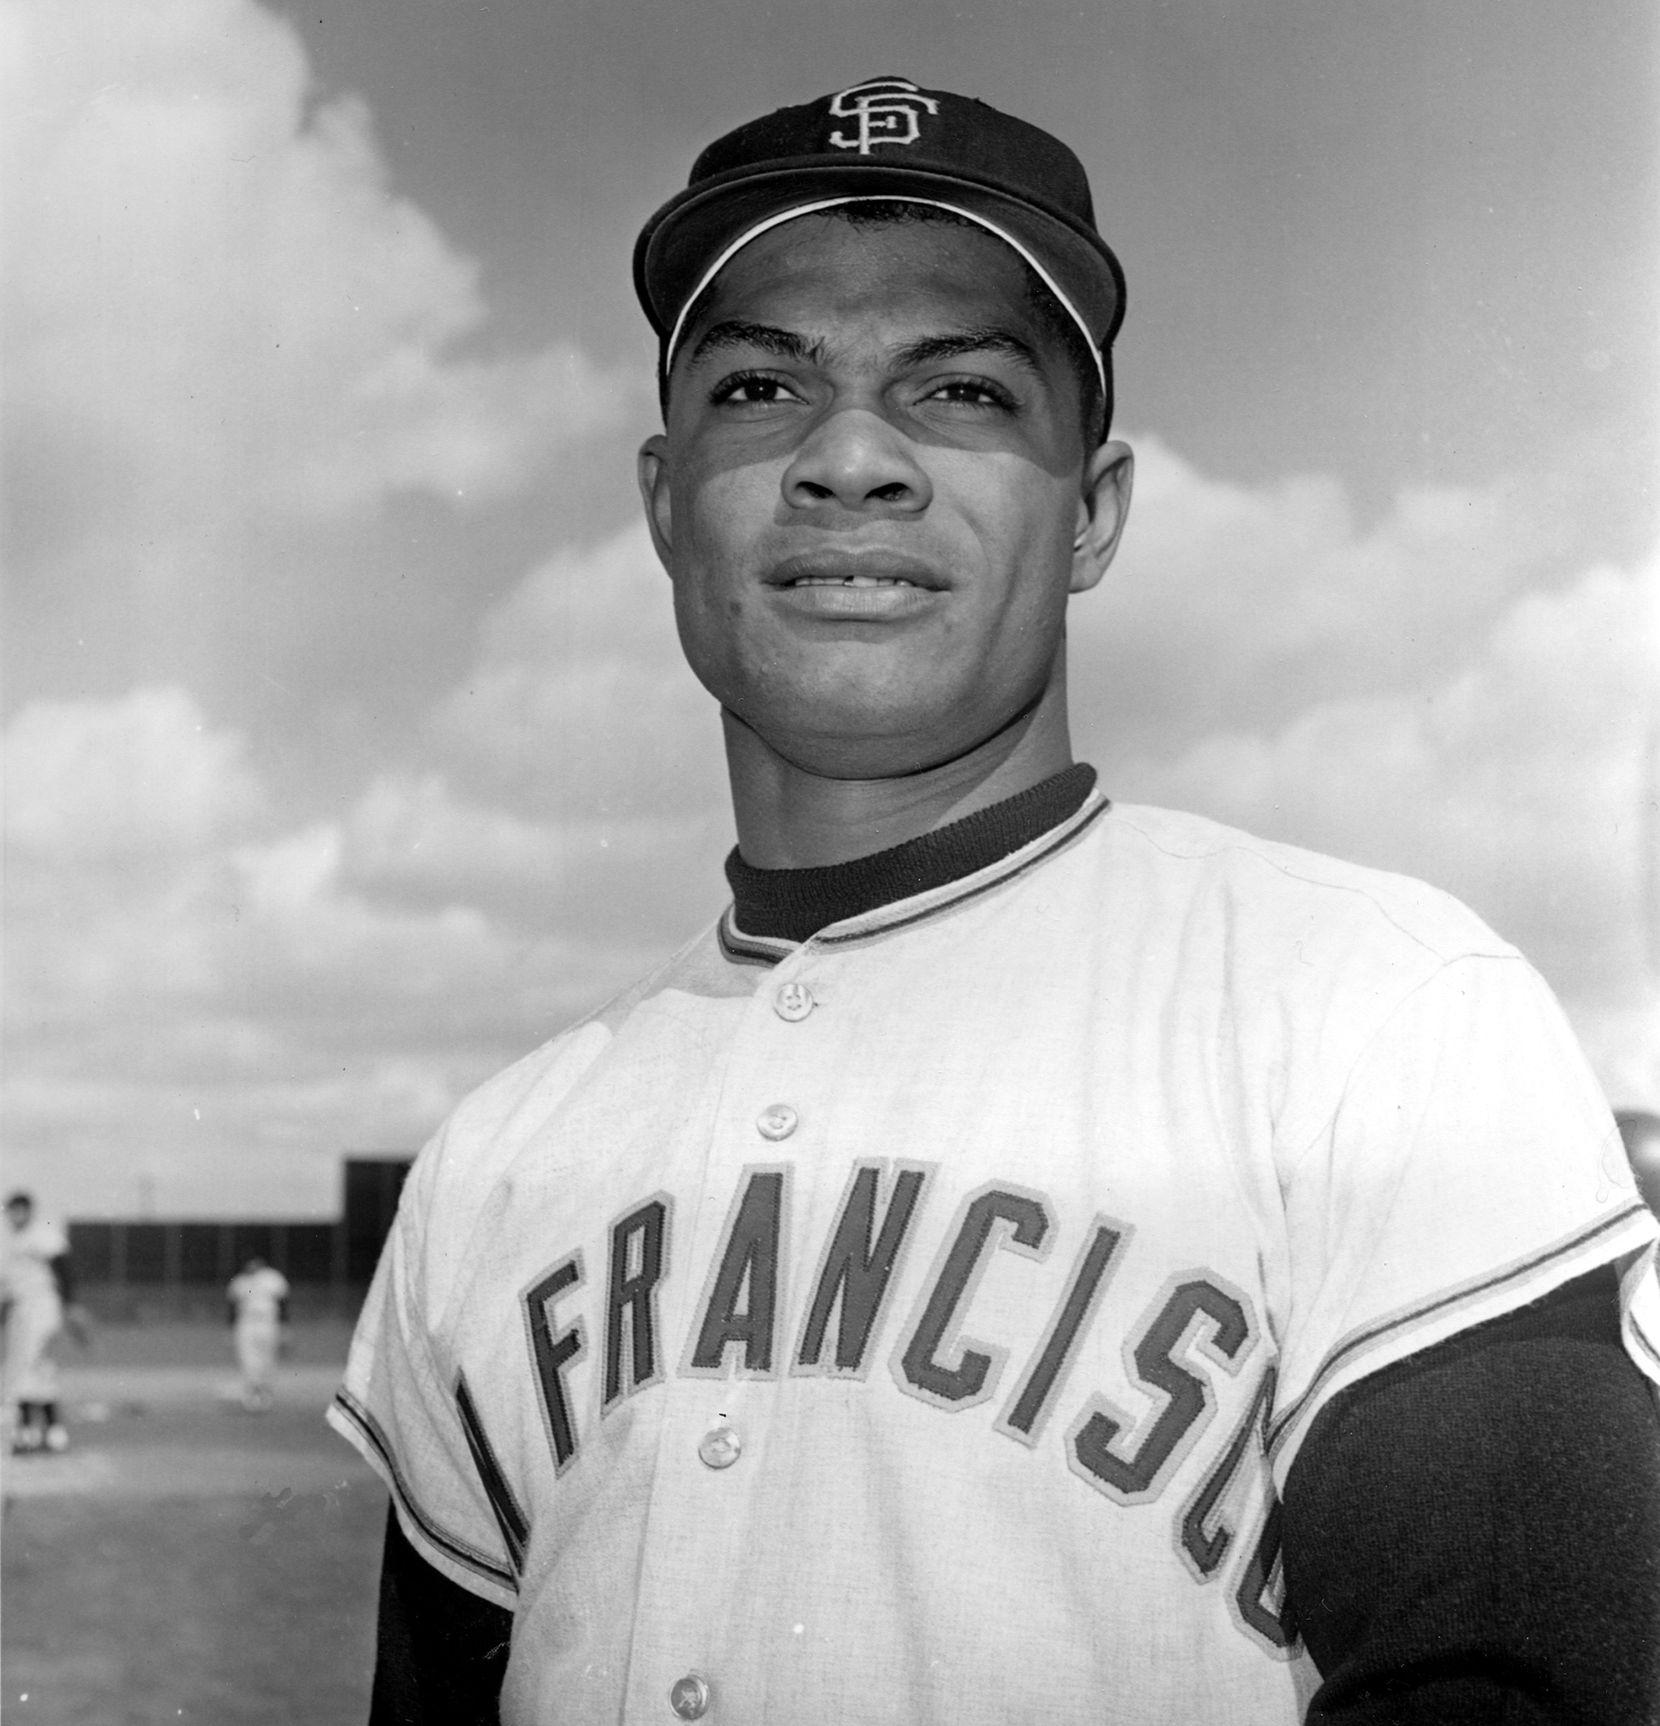 Foto del 8 de marzo de 1962 del dominicano Felipe Alou, cuando jugaba como jardinero para los Giants de San Francisco. Foto archivo AP